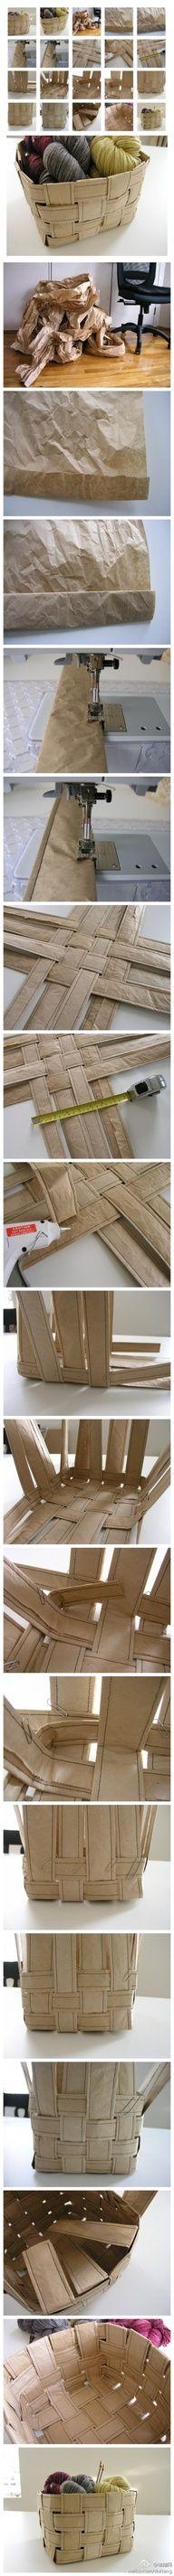 DIY multi-purpose basket  #diy #crafts